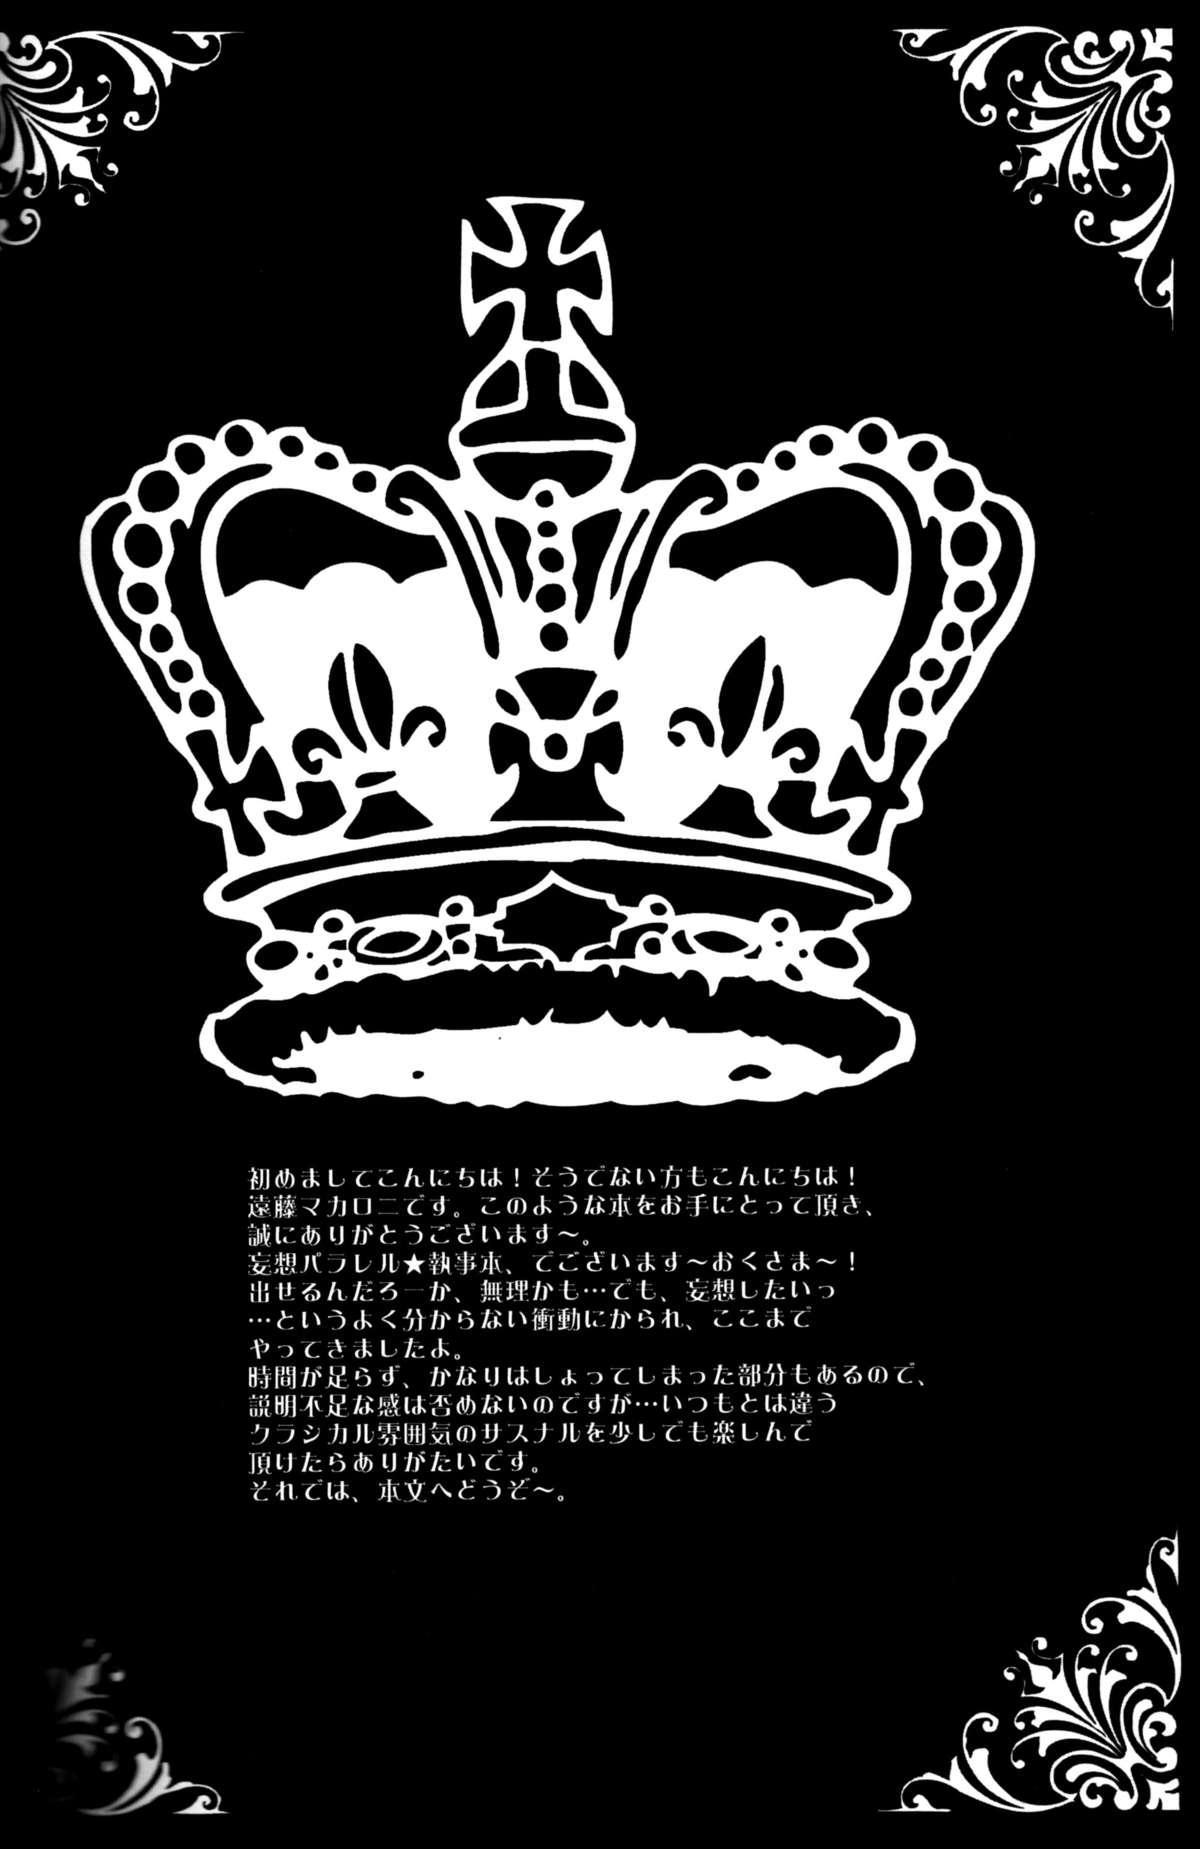 Kin-iro Kizoku ni Kuro Shitsuji | From the Black Butler to the Golden Aristocrat 2